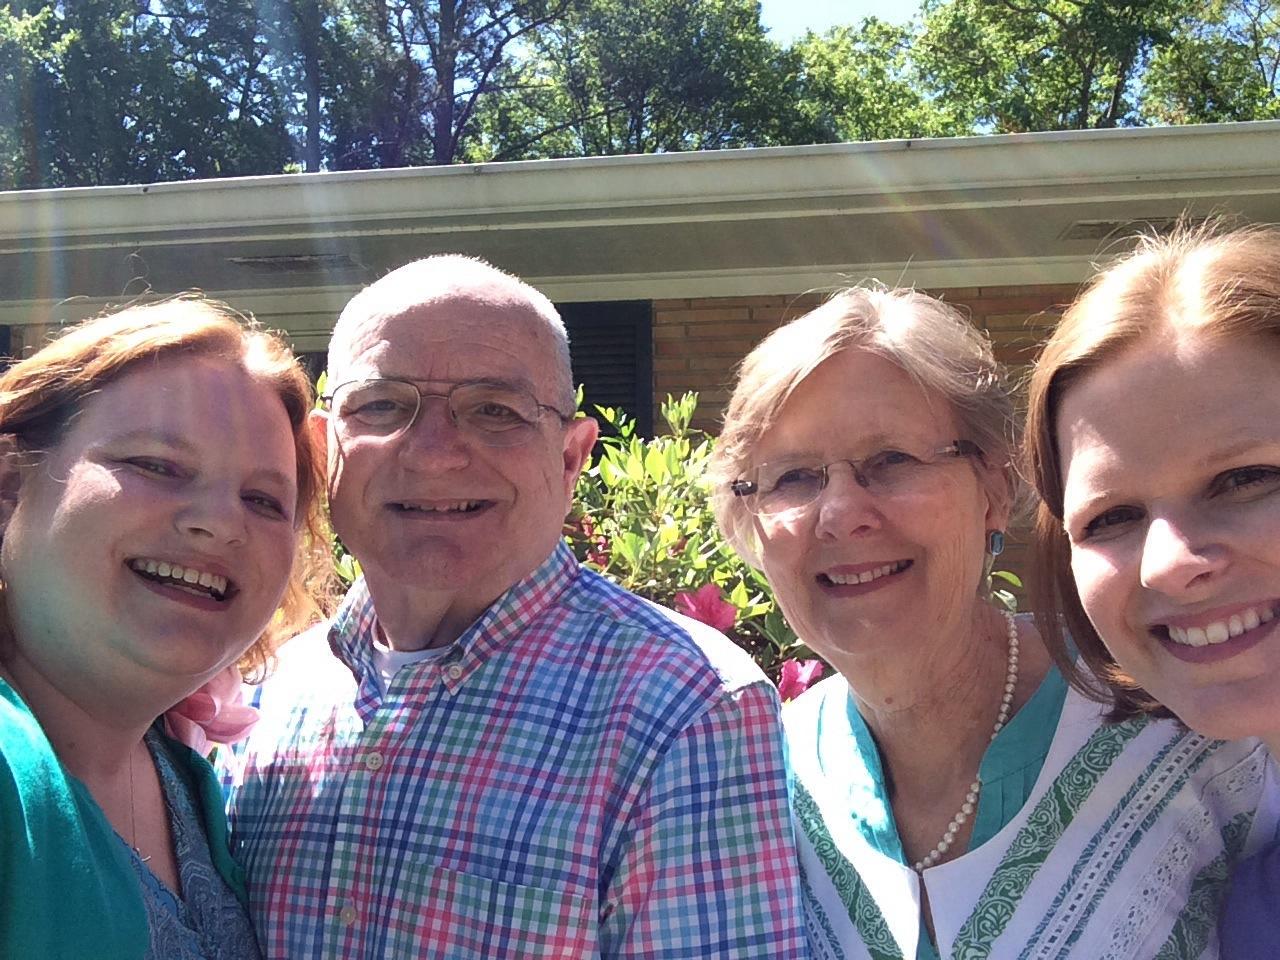 Easter Sunday Family Selfie